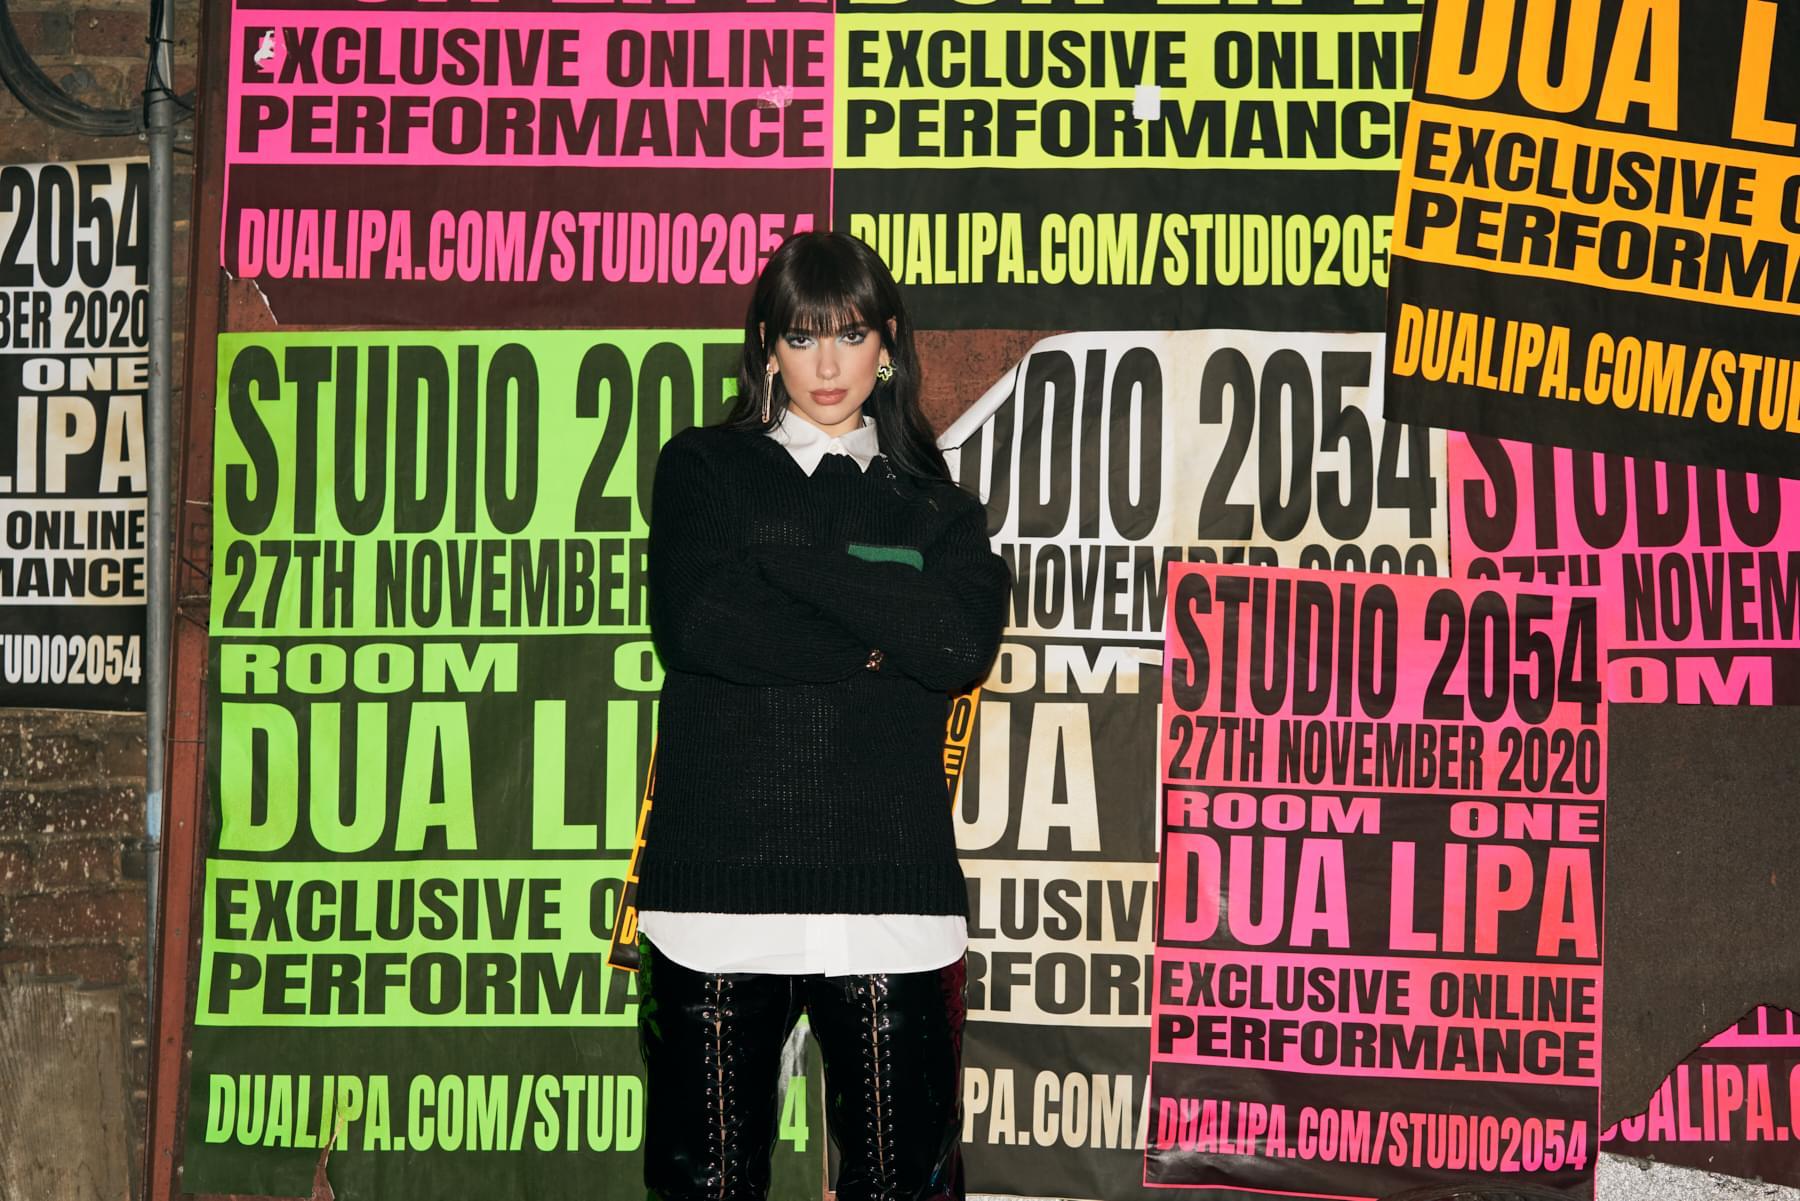 What the Headline: Dua Lipa Virtual Show